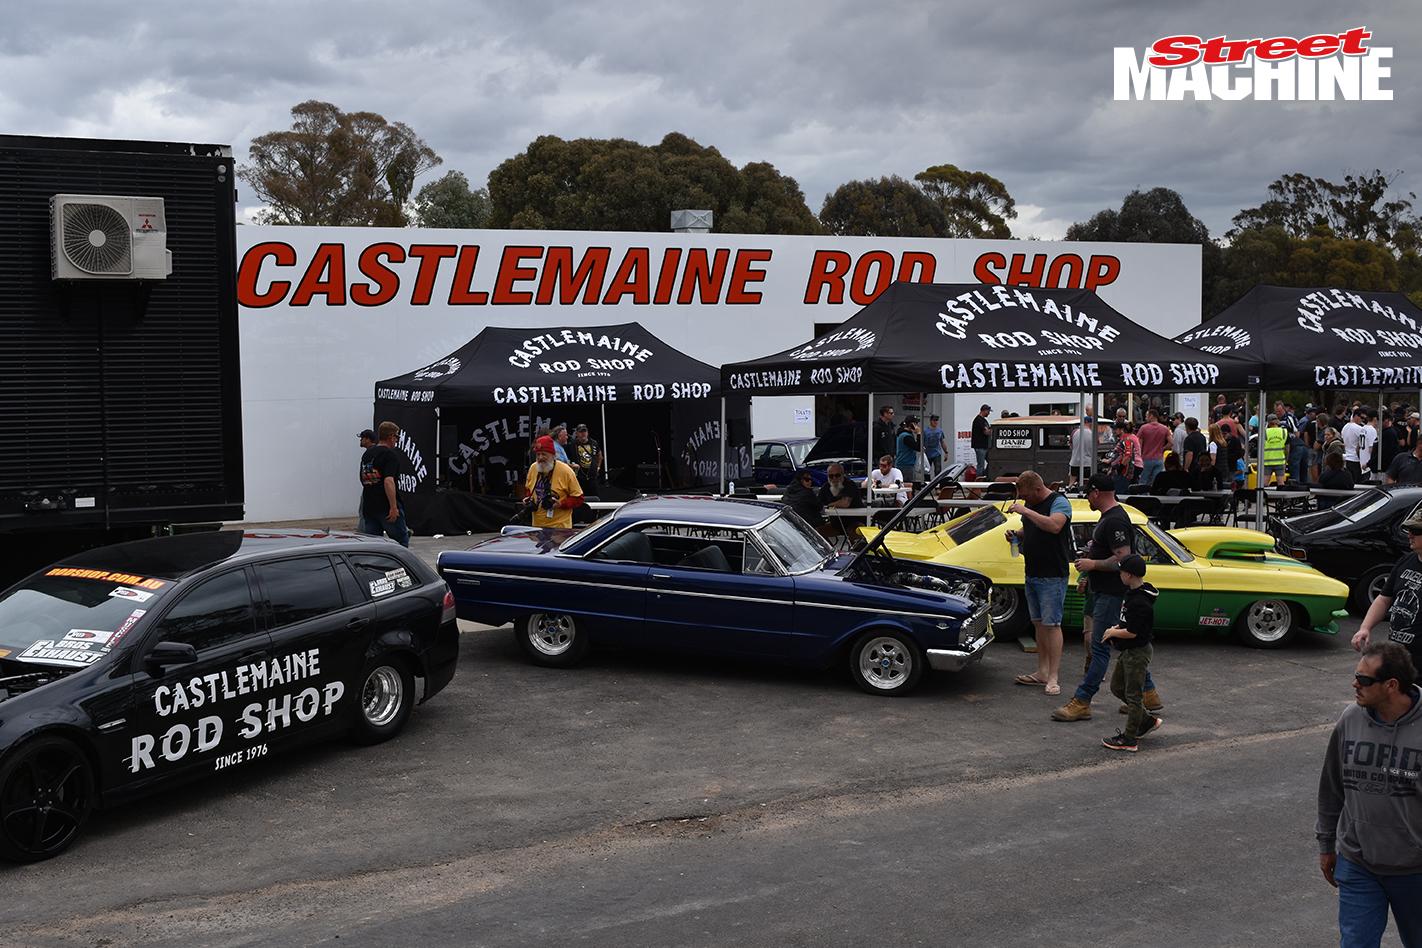 Castlemaine Rod Shop 016